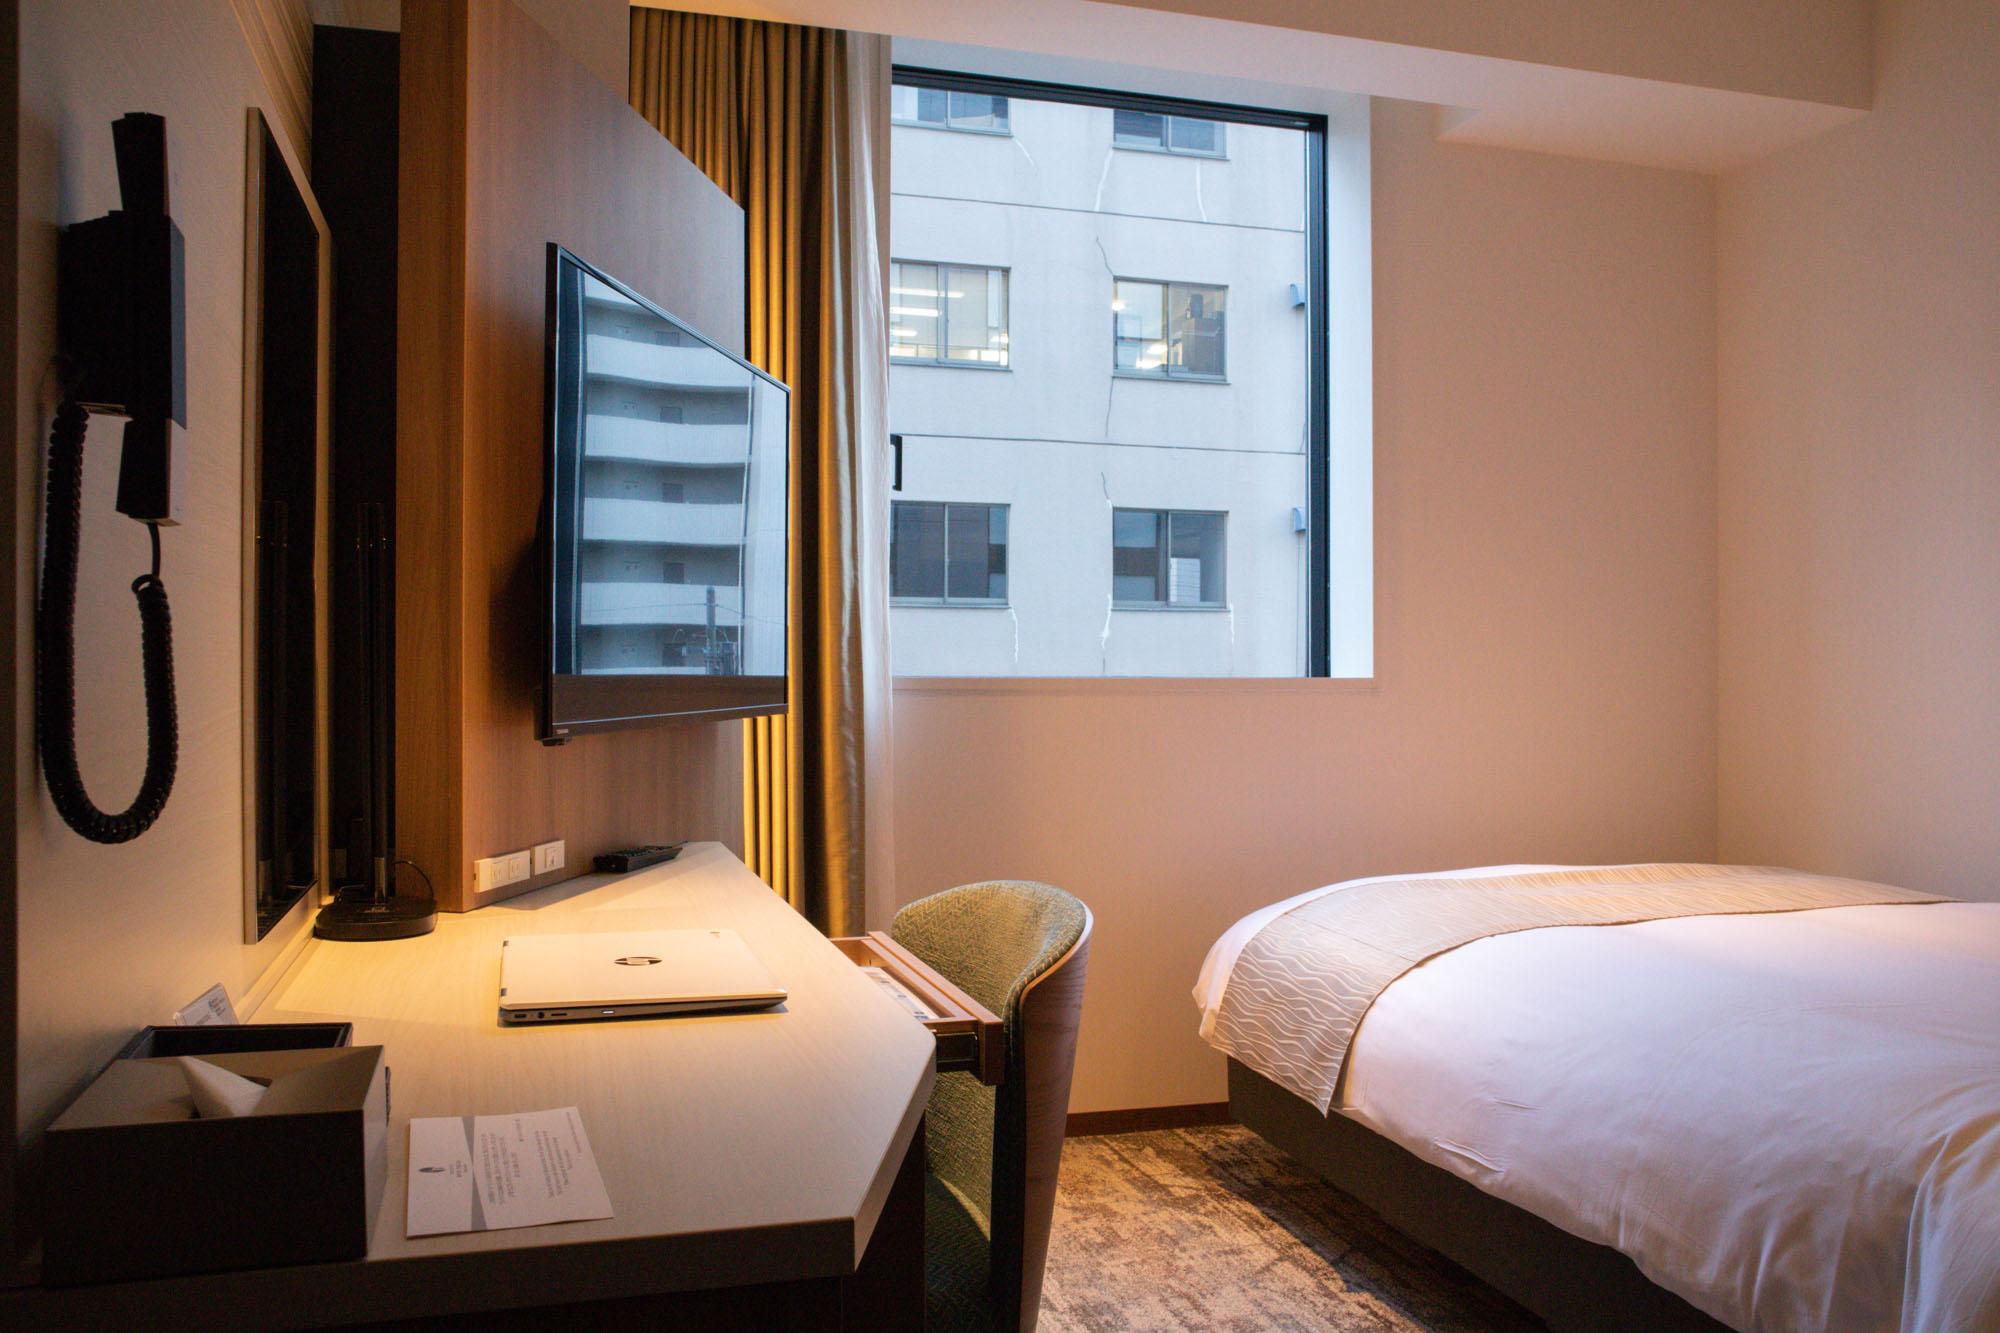 月額10万円以下で住めるホテル、大幅拡充中!賃貸一人暮らしの選択肢に「ホテルパス」を追加しませんか?